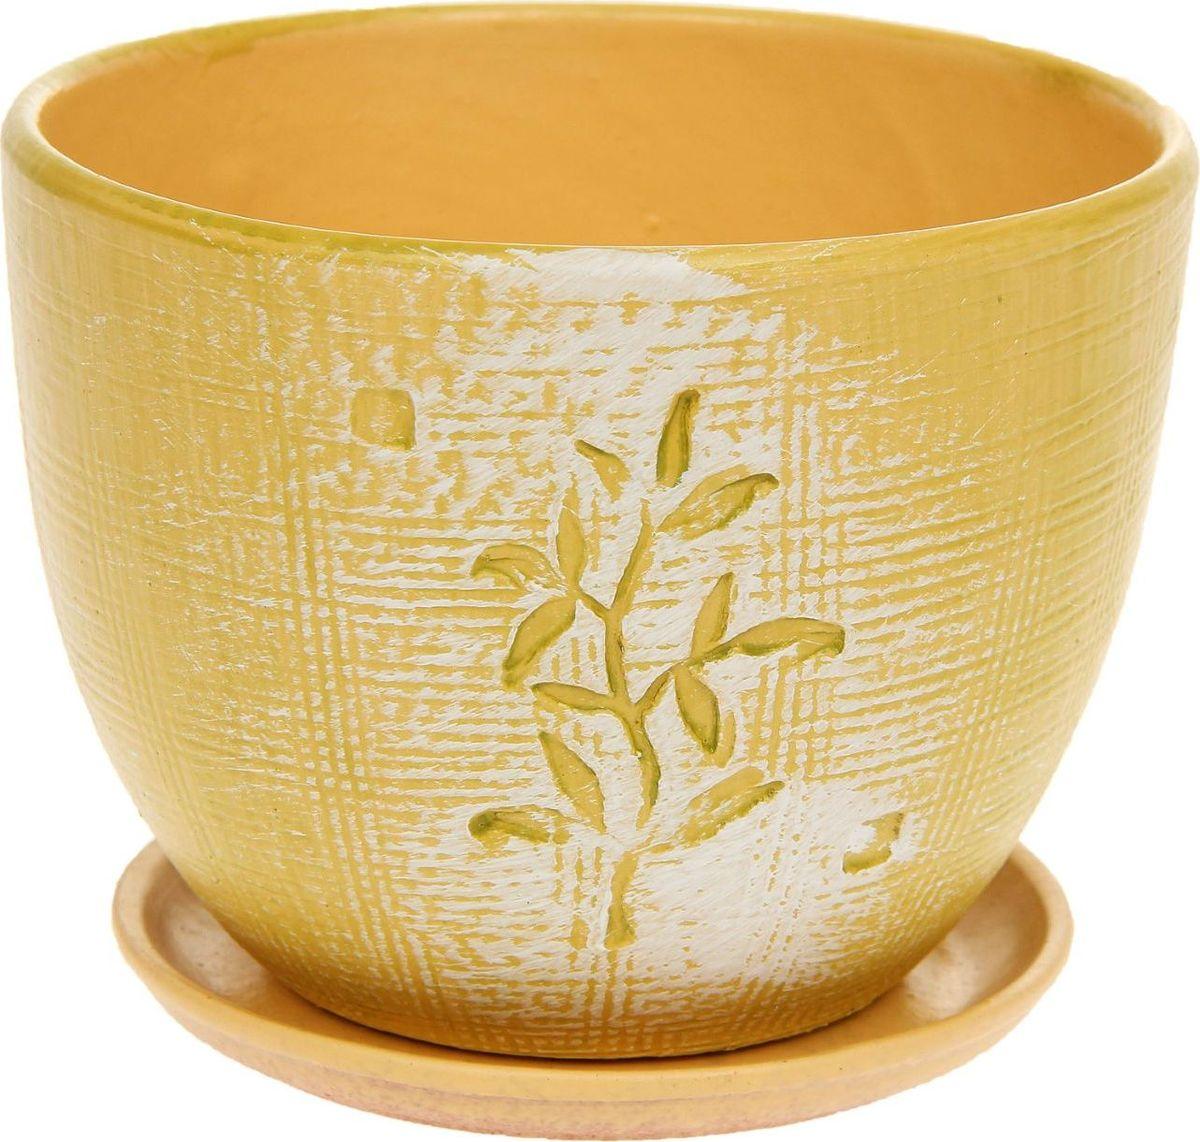 Кашпо Росток, 1,1 л1138690Комнатные растения — всеобщие любимцы. Они радуют глаз, насыщают помещение кислородом и украшают пространство. Каждому из них необходим свой удобный и красивый дом. Кашпо из керамики прекрасно подходят для высадки растений: за счёт пластичности глины и разных способов обработки существует великое множество форм и дизайновпористый материал позволяет испаряться лишней влагевоздух, необходимый для дыхания корней, проникает сквозь керамические стенки! #name# позаботится о зелёном питомце, освежит интерьер и подчеркнёт его стиль.